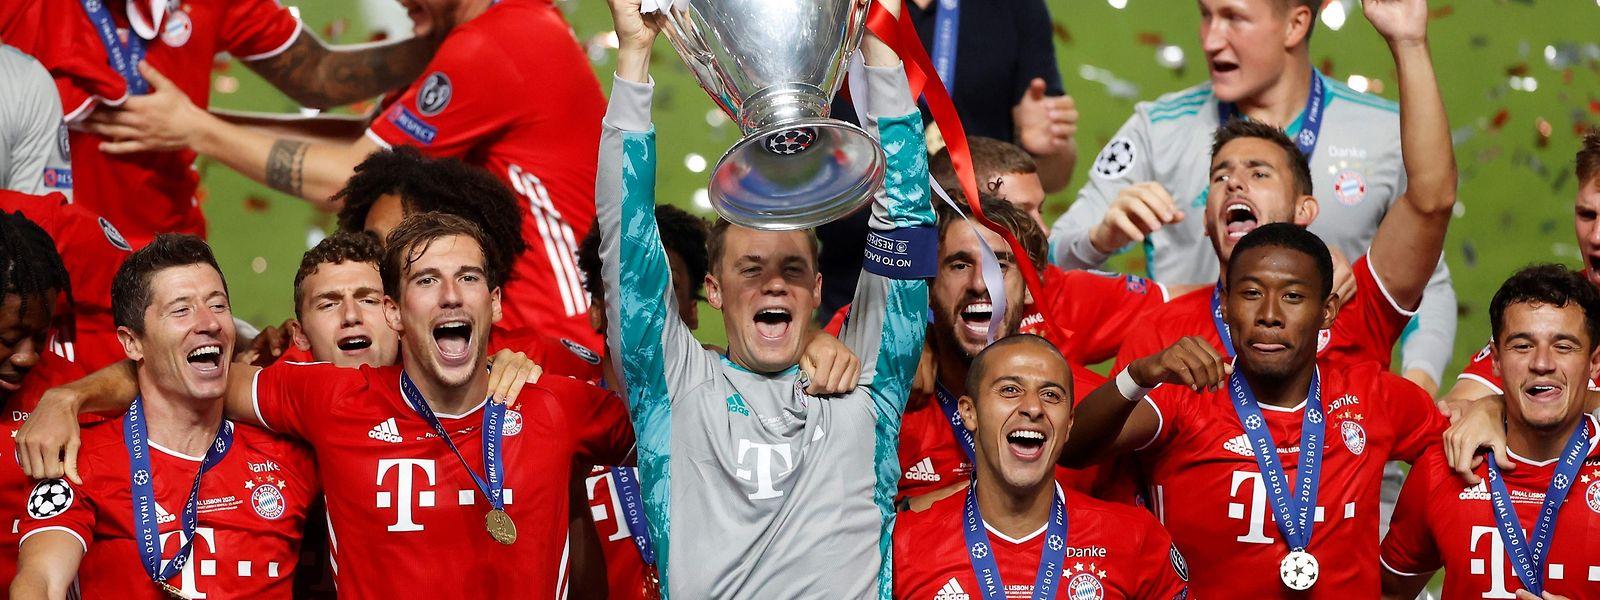 Der FC Bayern holt den Henkelpott zum sechsten Mal in der Vereinsgeschichte.